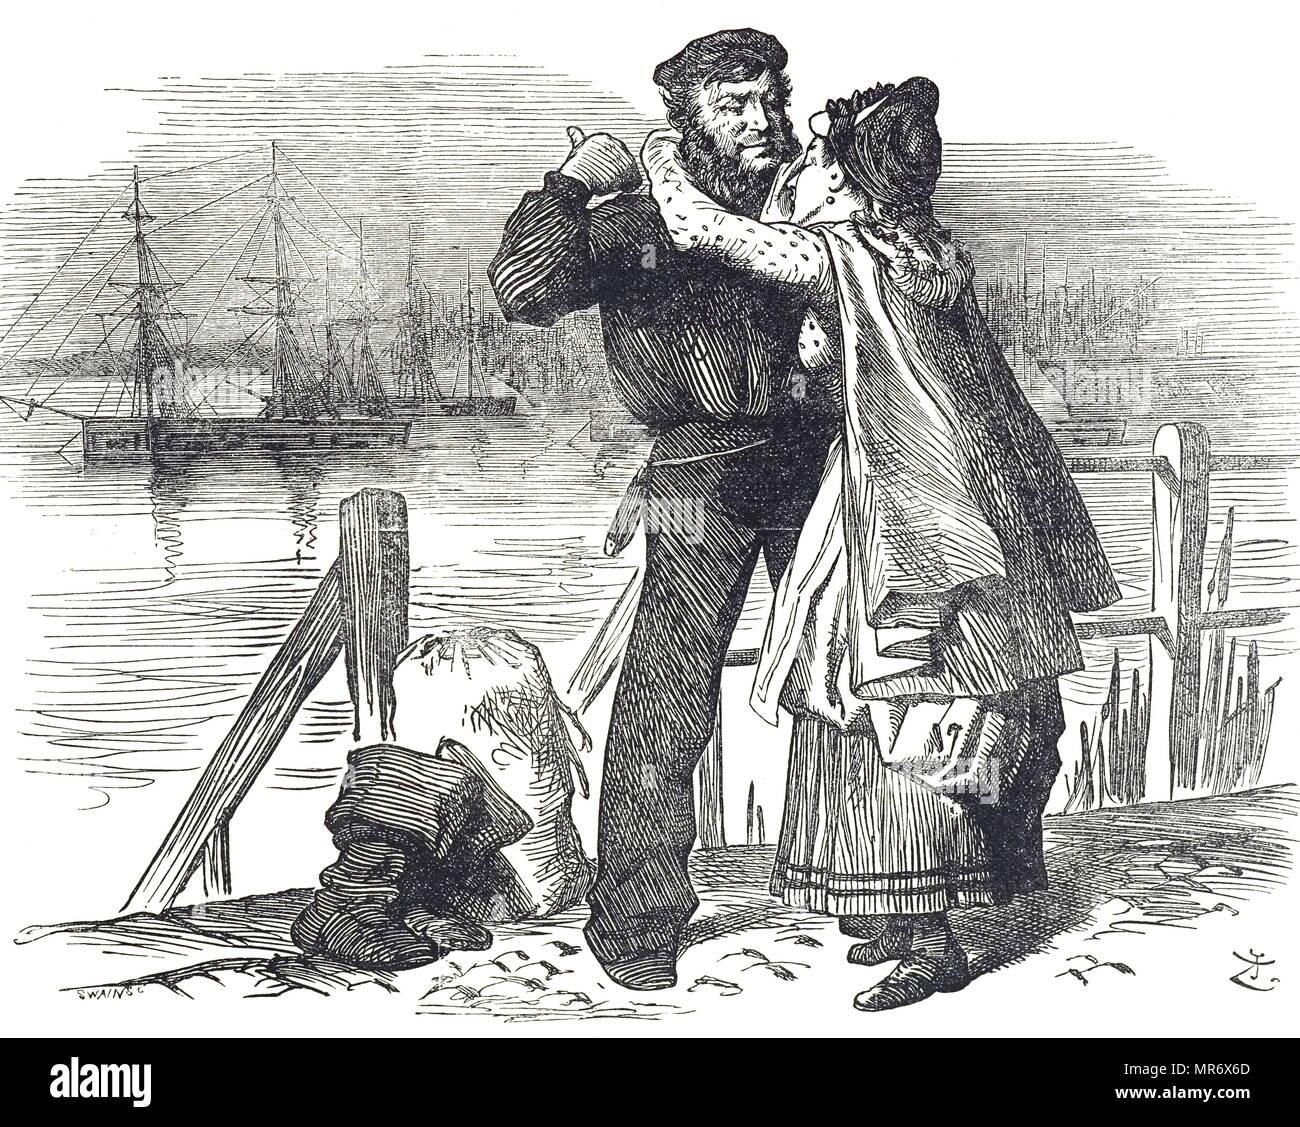 Für Segler Tribut an Samuel Plimsoll (1824-1898), ein englischer Politiker und Sozialreformer, für die Arbeit, die er während MP für Derby in die Rechtsvorschriften zur Regelung der Laden und seetüchtigkeit von Handelsschiffen. Es war für ihn, dass Plimsoll Line genannt wurde. Illustriert von John Tenniel (1820-1914) ein englischer Illustrator Grafik Humorist und politischen Karikaturisten. Vom 19. Jahrhundert Stockbild